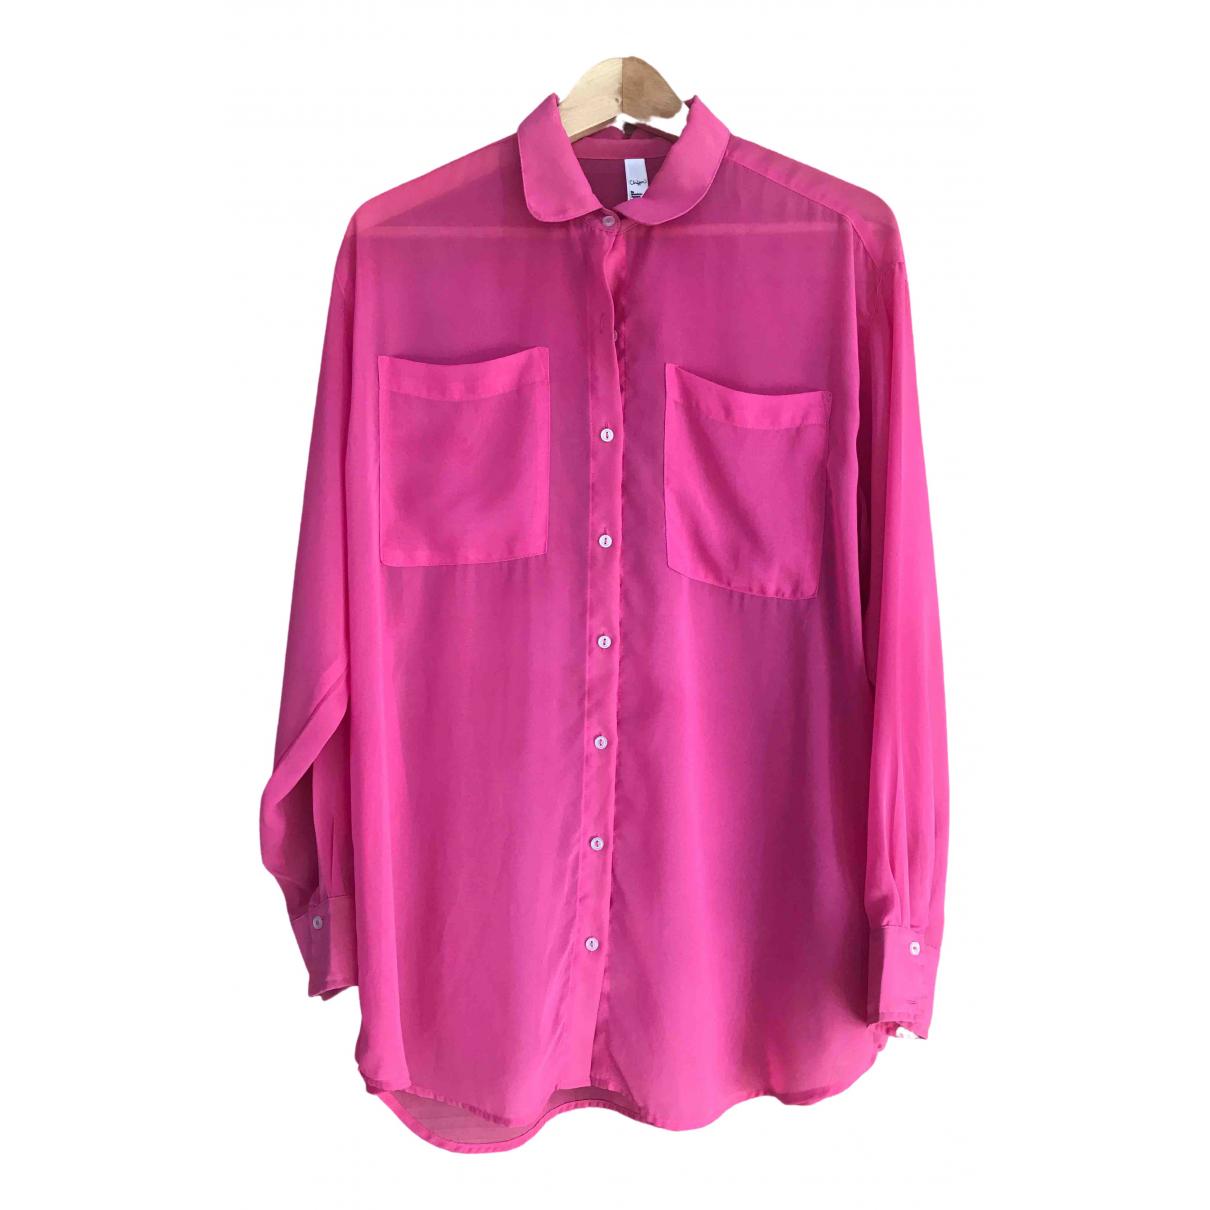 Camisa American Apparel